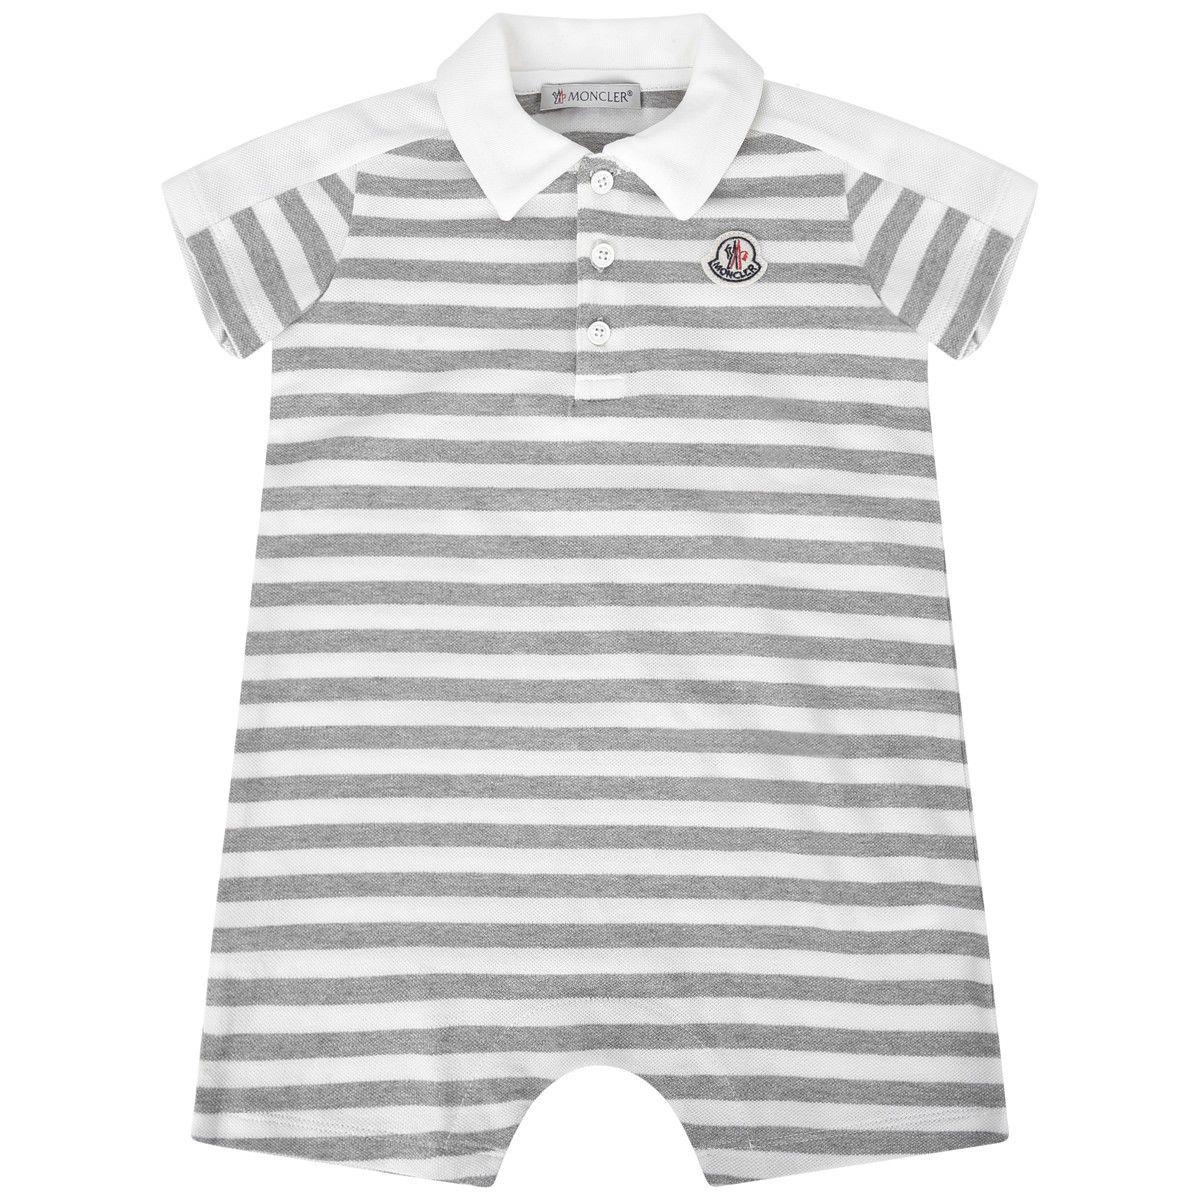 1768fac98 Moncler Baby Boys Grey Striped Cotton Pique Romper | Babywear SS16 ...